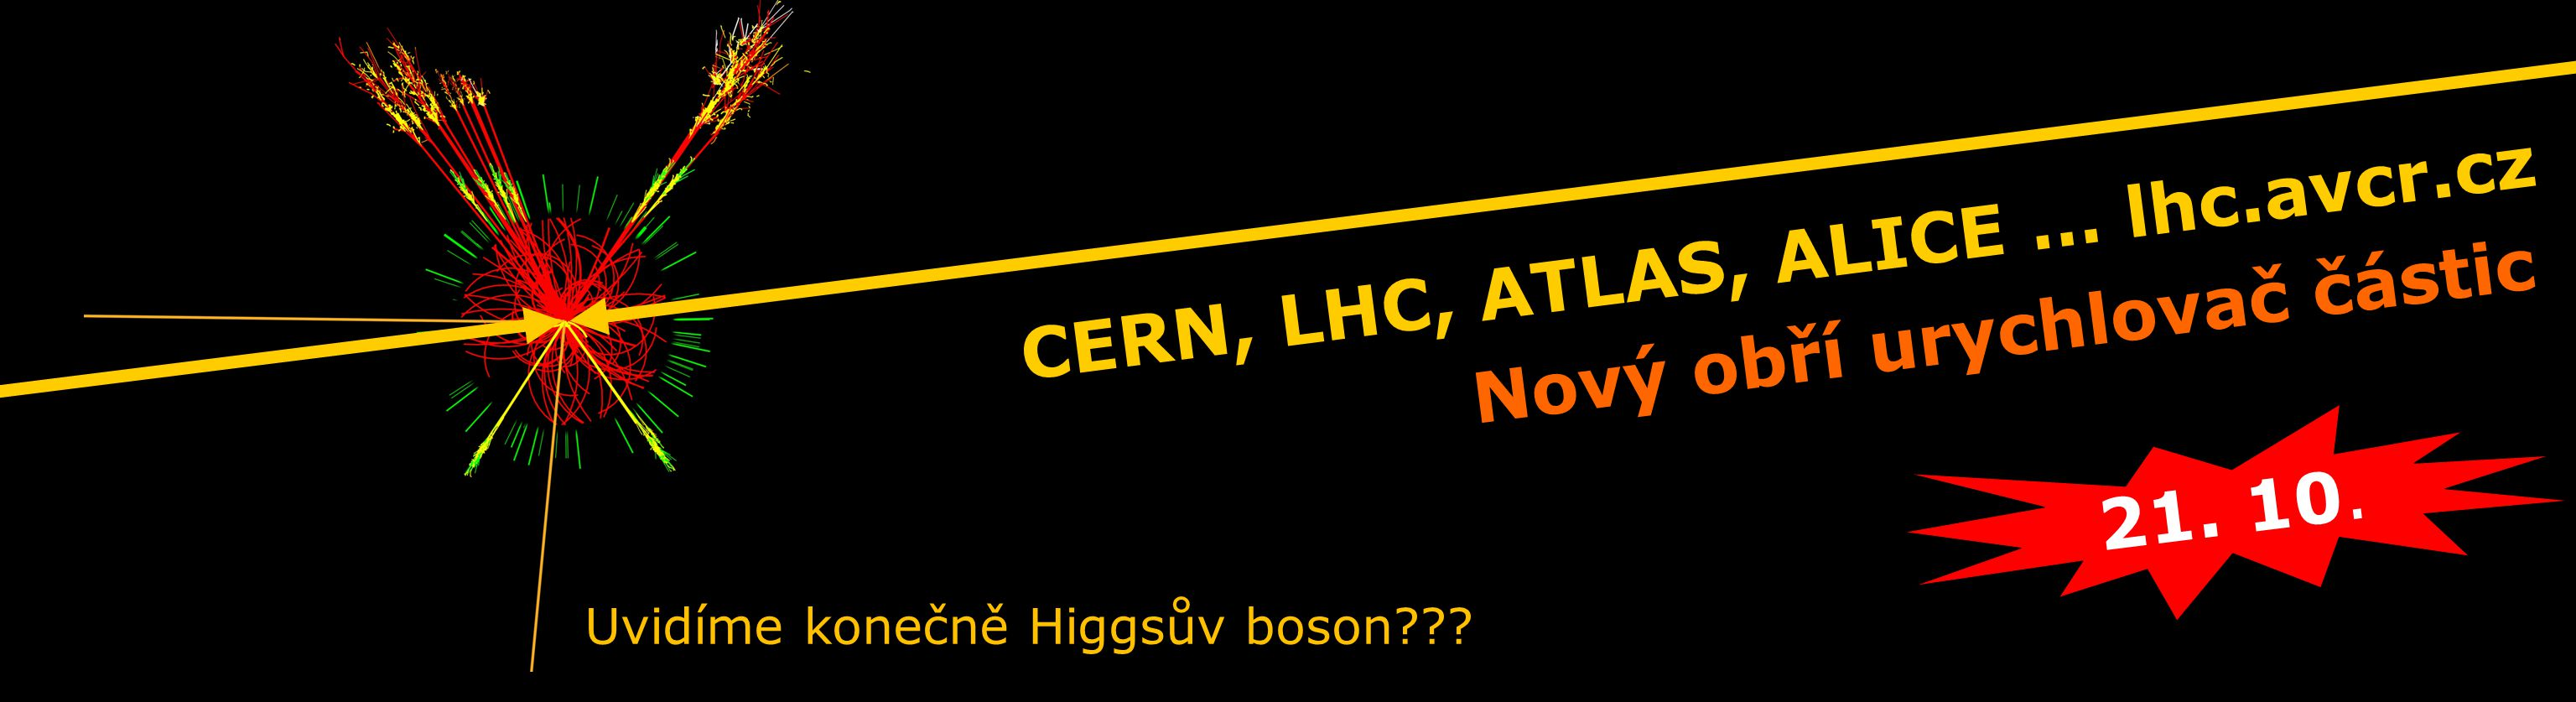 ATLAS, největší vědecký přístroj současnosti CERN, LHC, ATLAS, ALICE … lhc.avcr.cz Nový obří urychlovač částic 21.